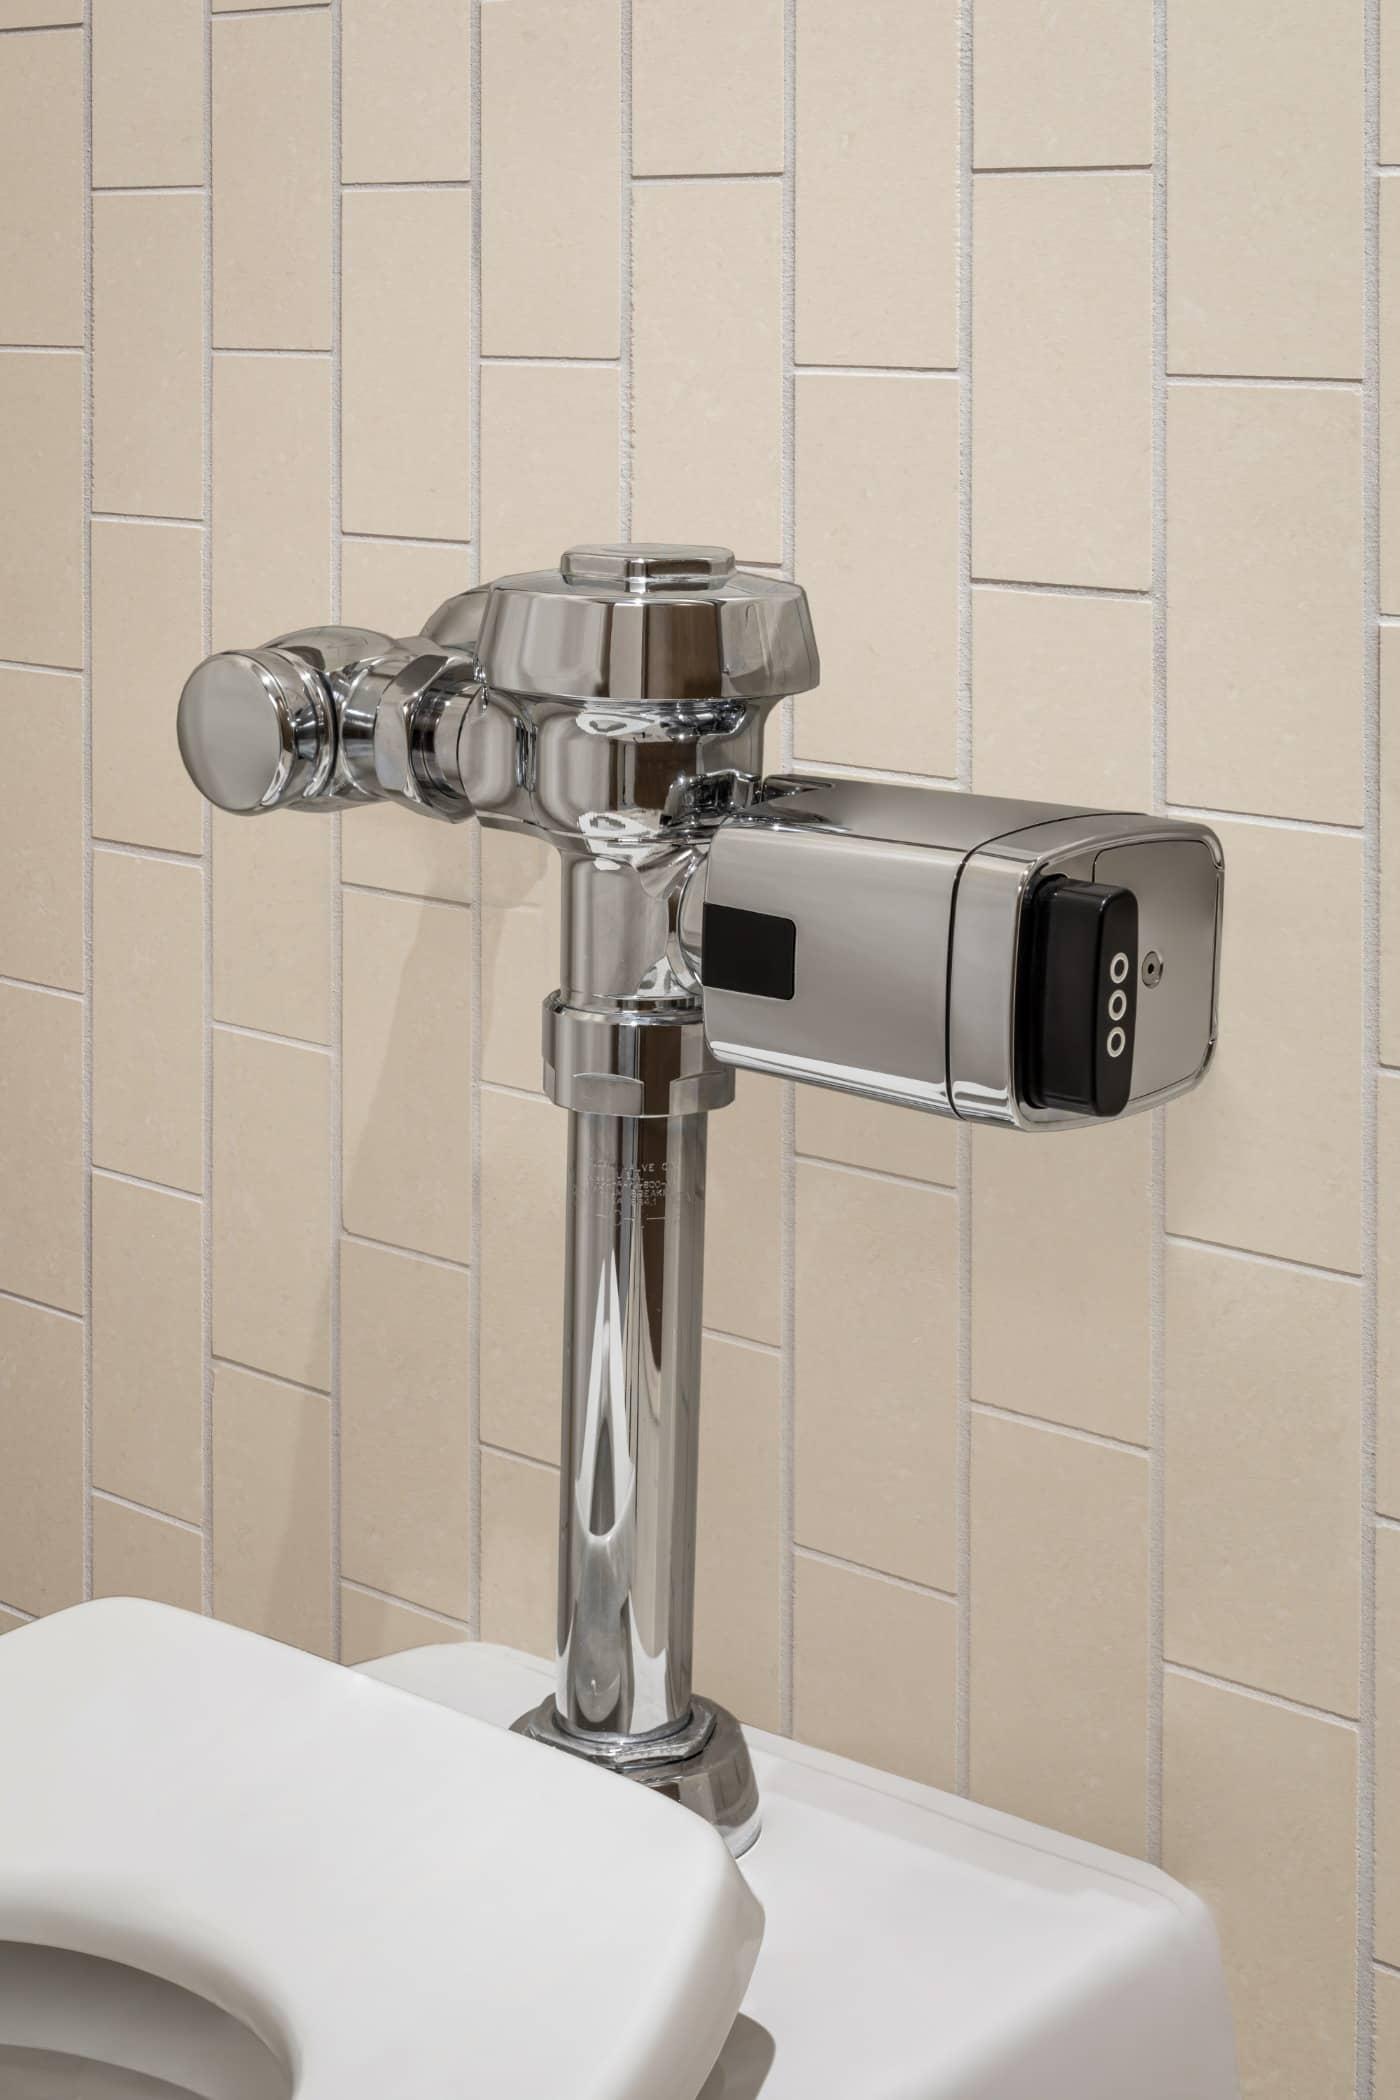 Plumbing fixture, Room, Tap, Bathroom